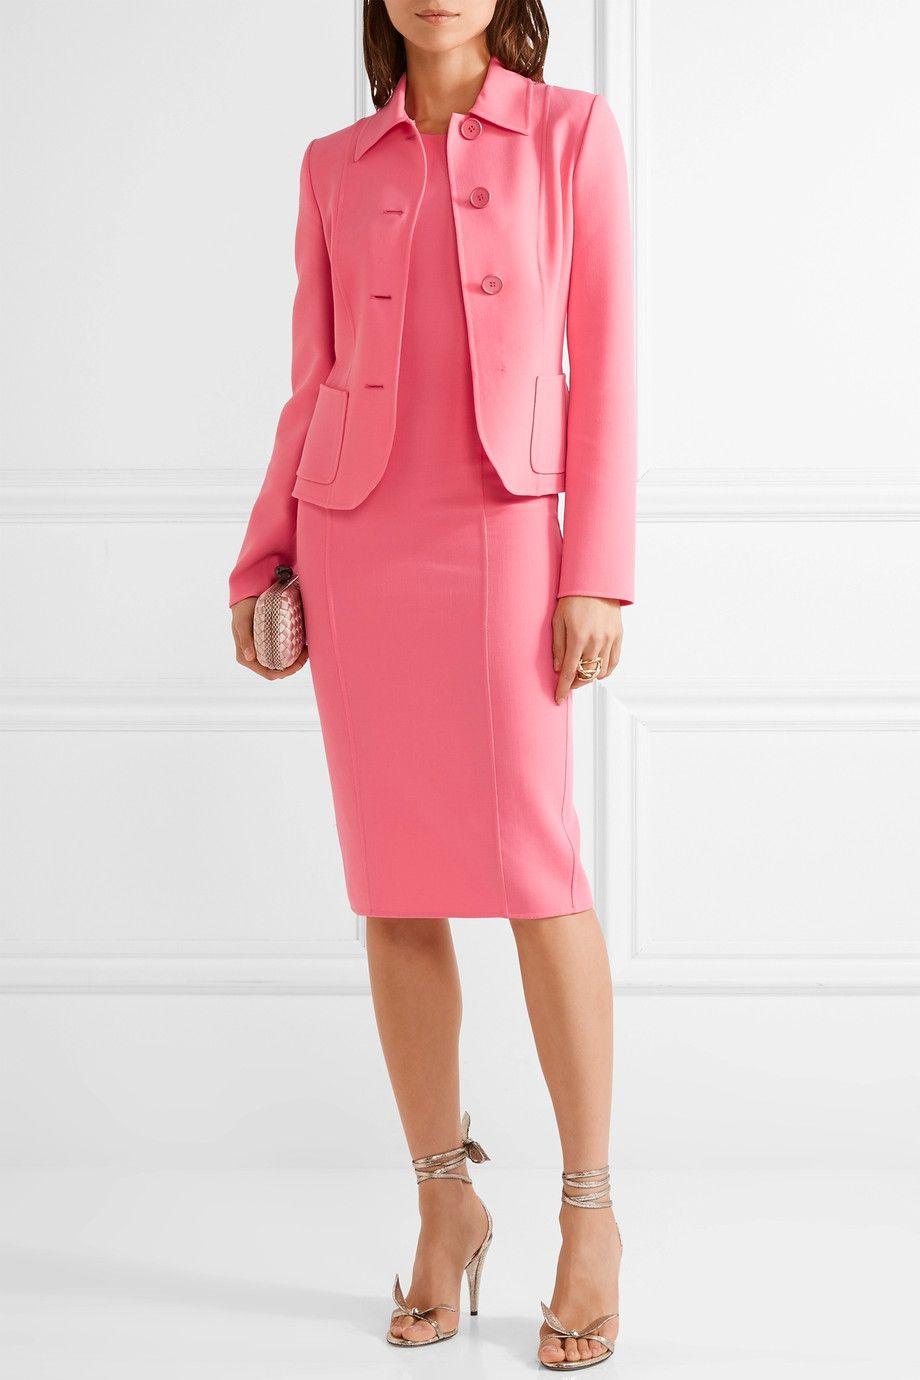 Michael Kors Collection | Stretch-wool dress | NET-A-PORTER.COM ...